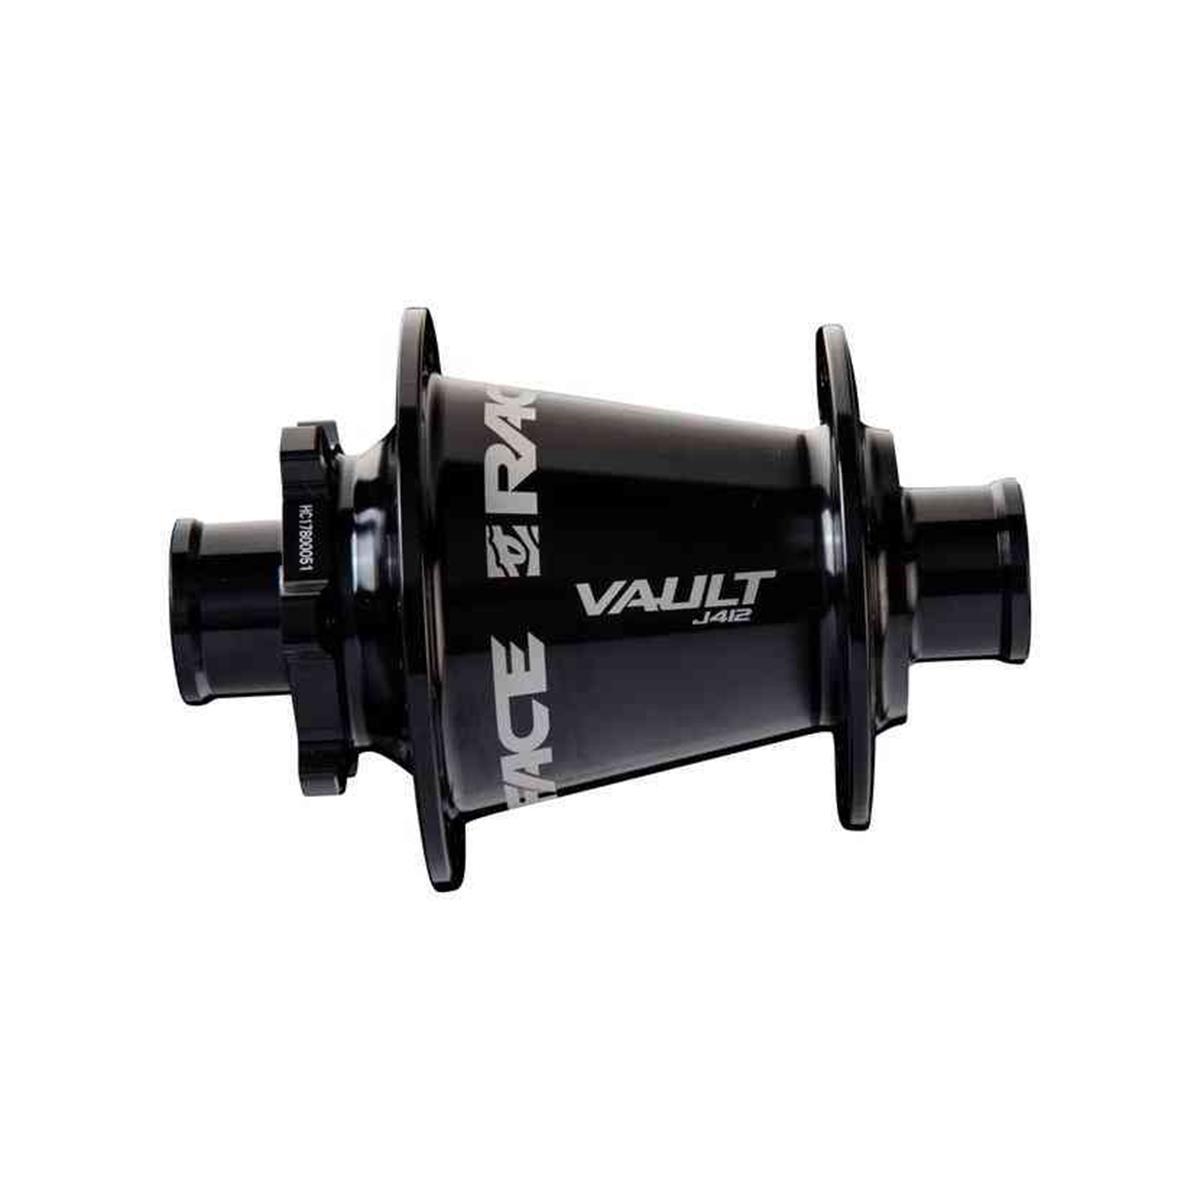 Race Face MTB-Nabe Vorderrad Vault 100 x 15 mm TA, Schwarz